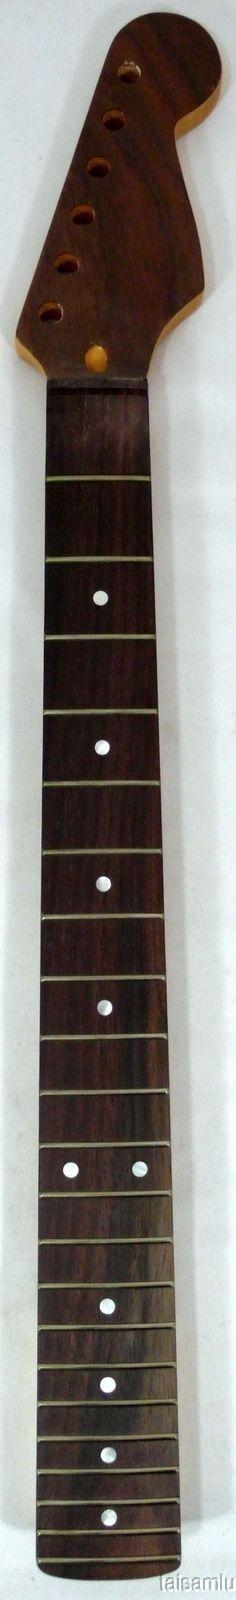 22 trastes de cuello de guitarra eléctrica de arce duro, duro, duro, palo de rosadodo, Satén polaco, ST-39 Bycc  Hay más marcas de productos de alta calidad.